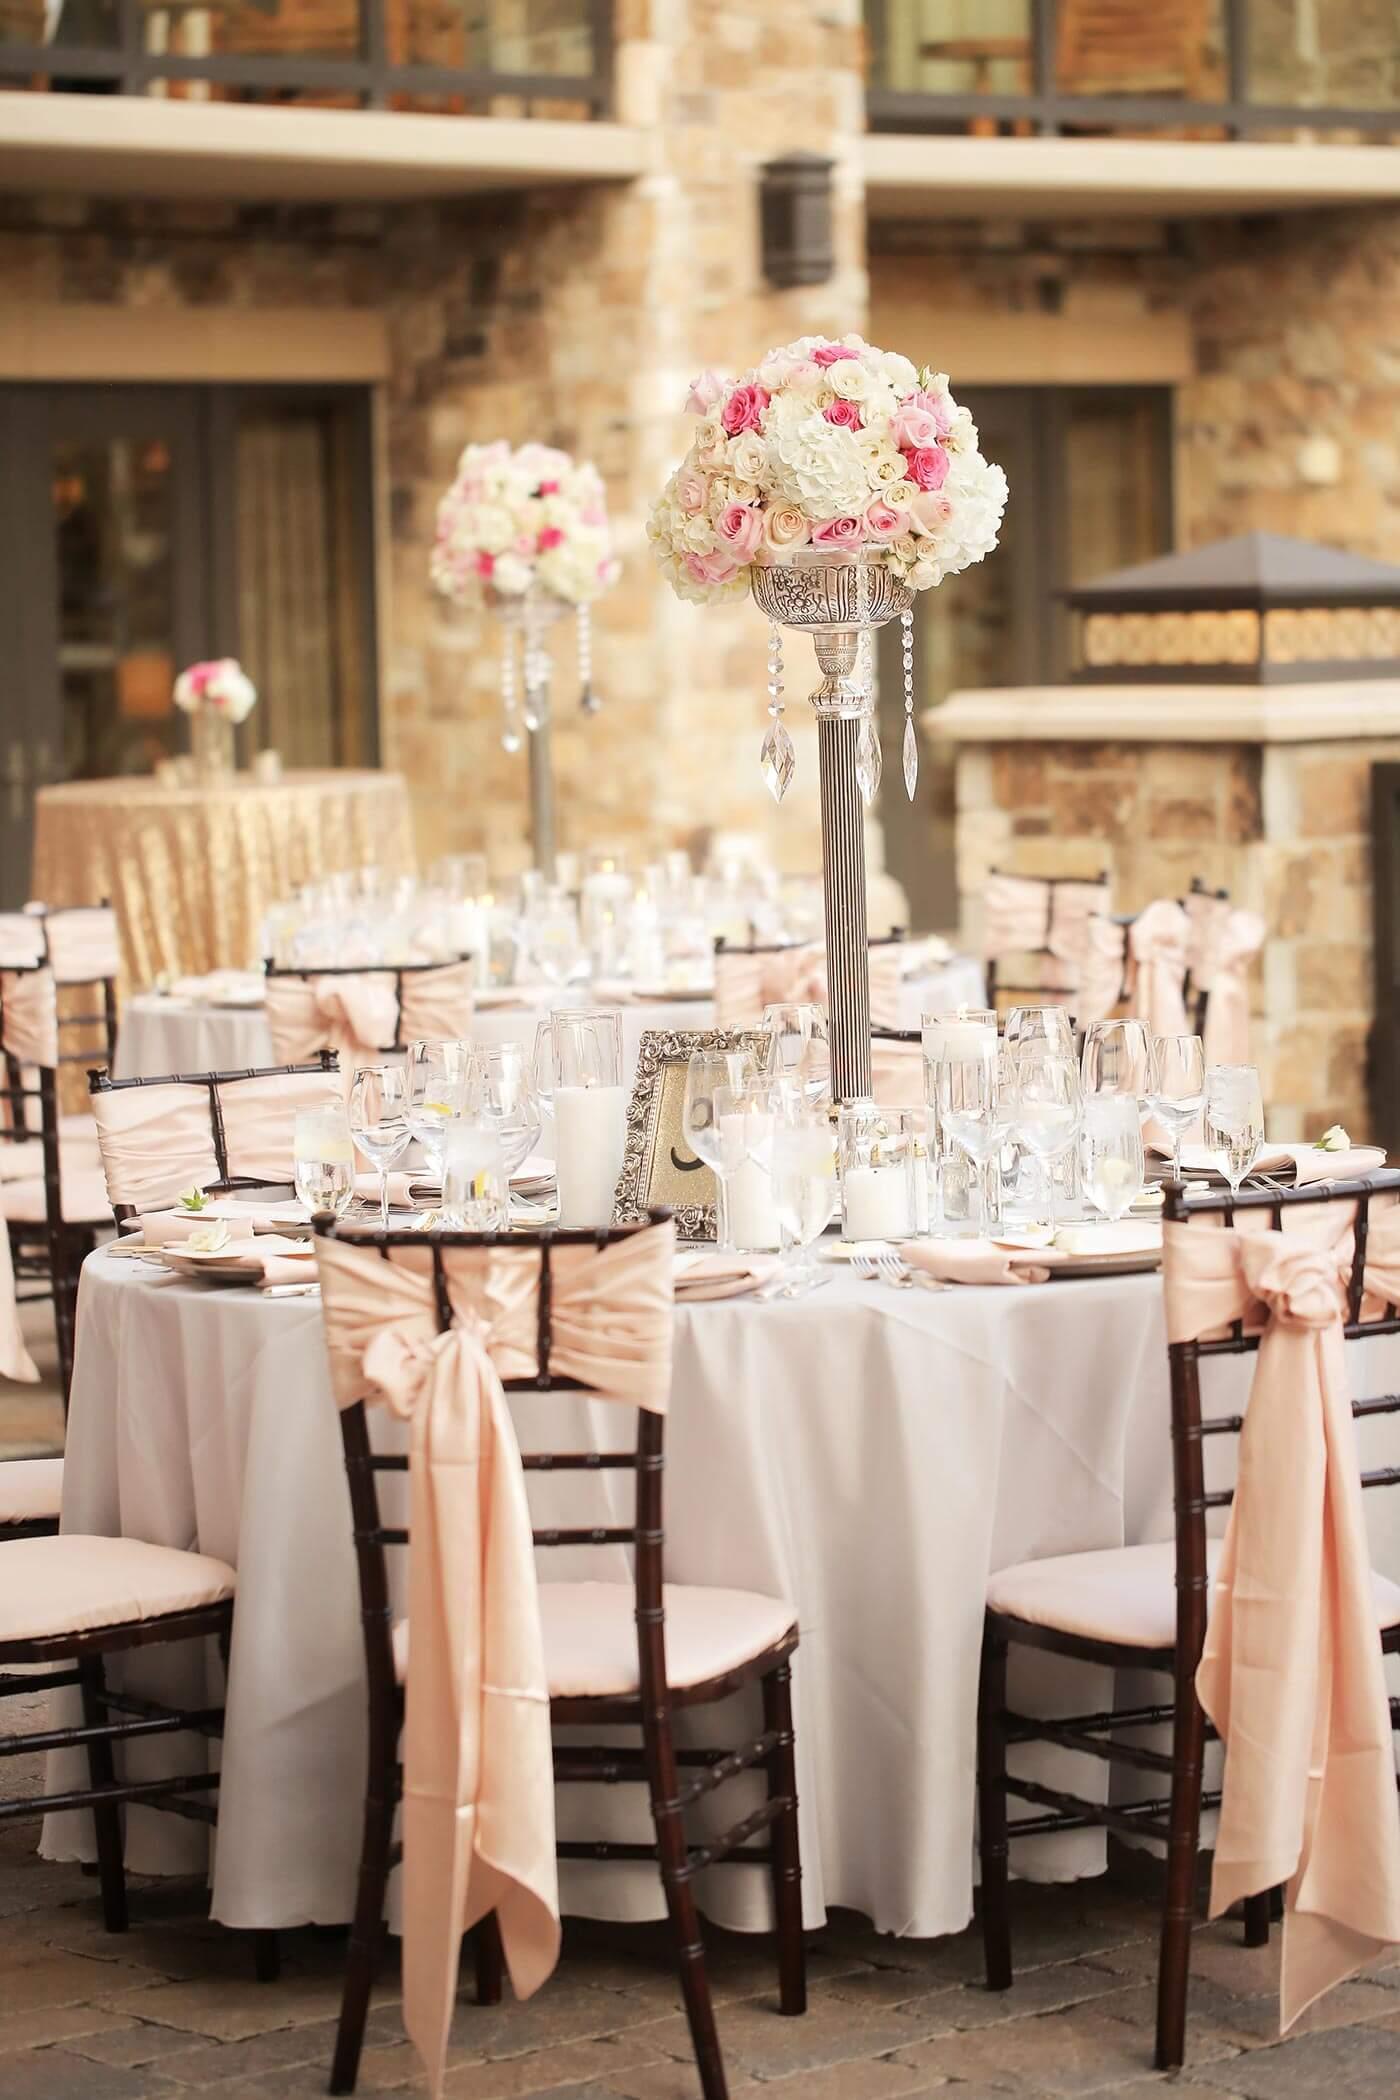 Tischdeko rosa i ideen f r eure hochzeit i viele bilder Rosa tischdeko hochzeit